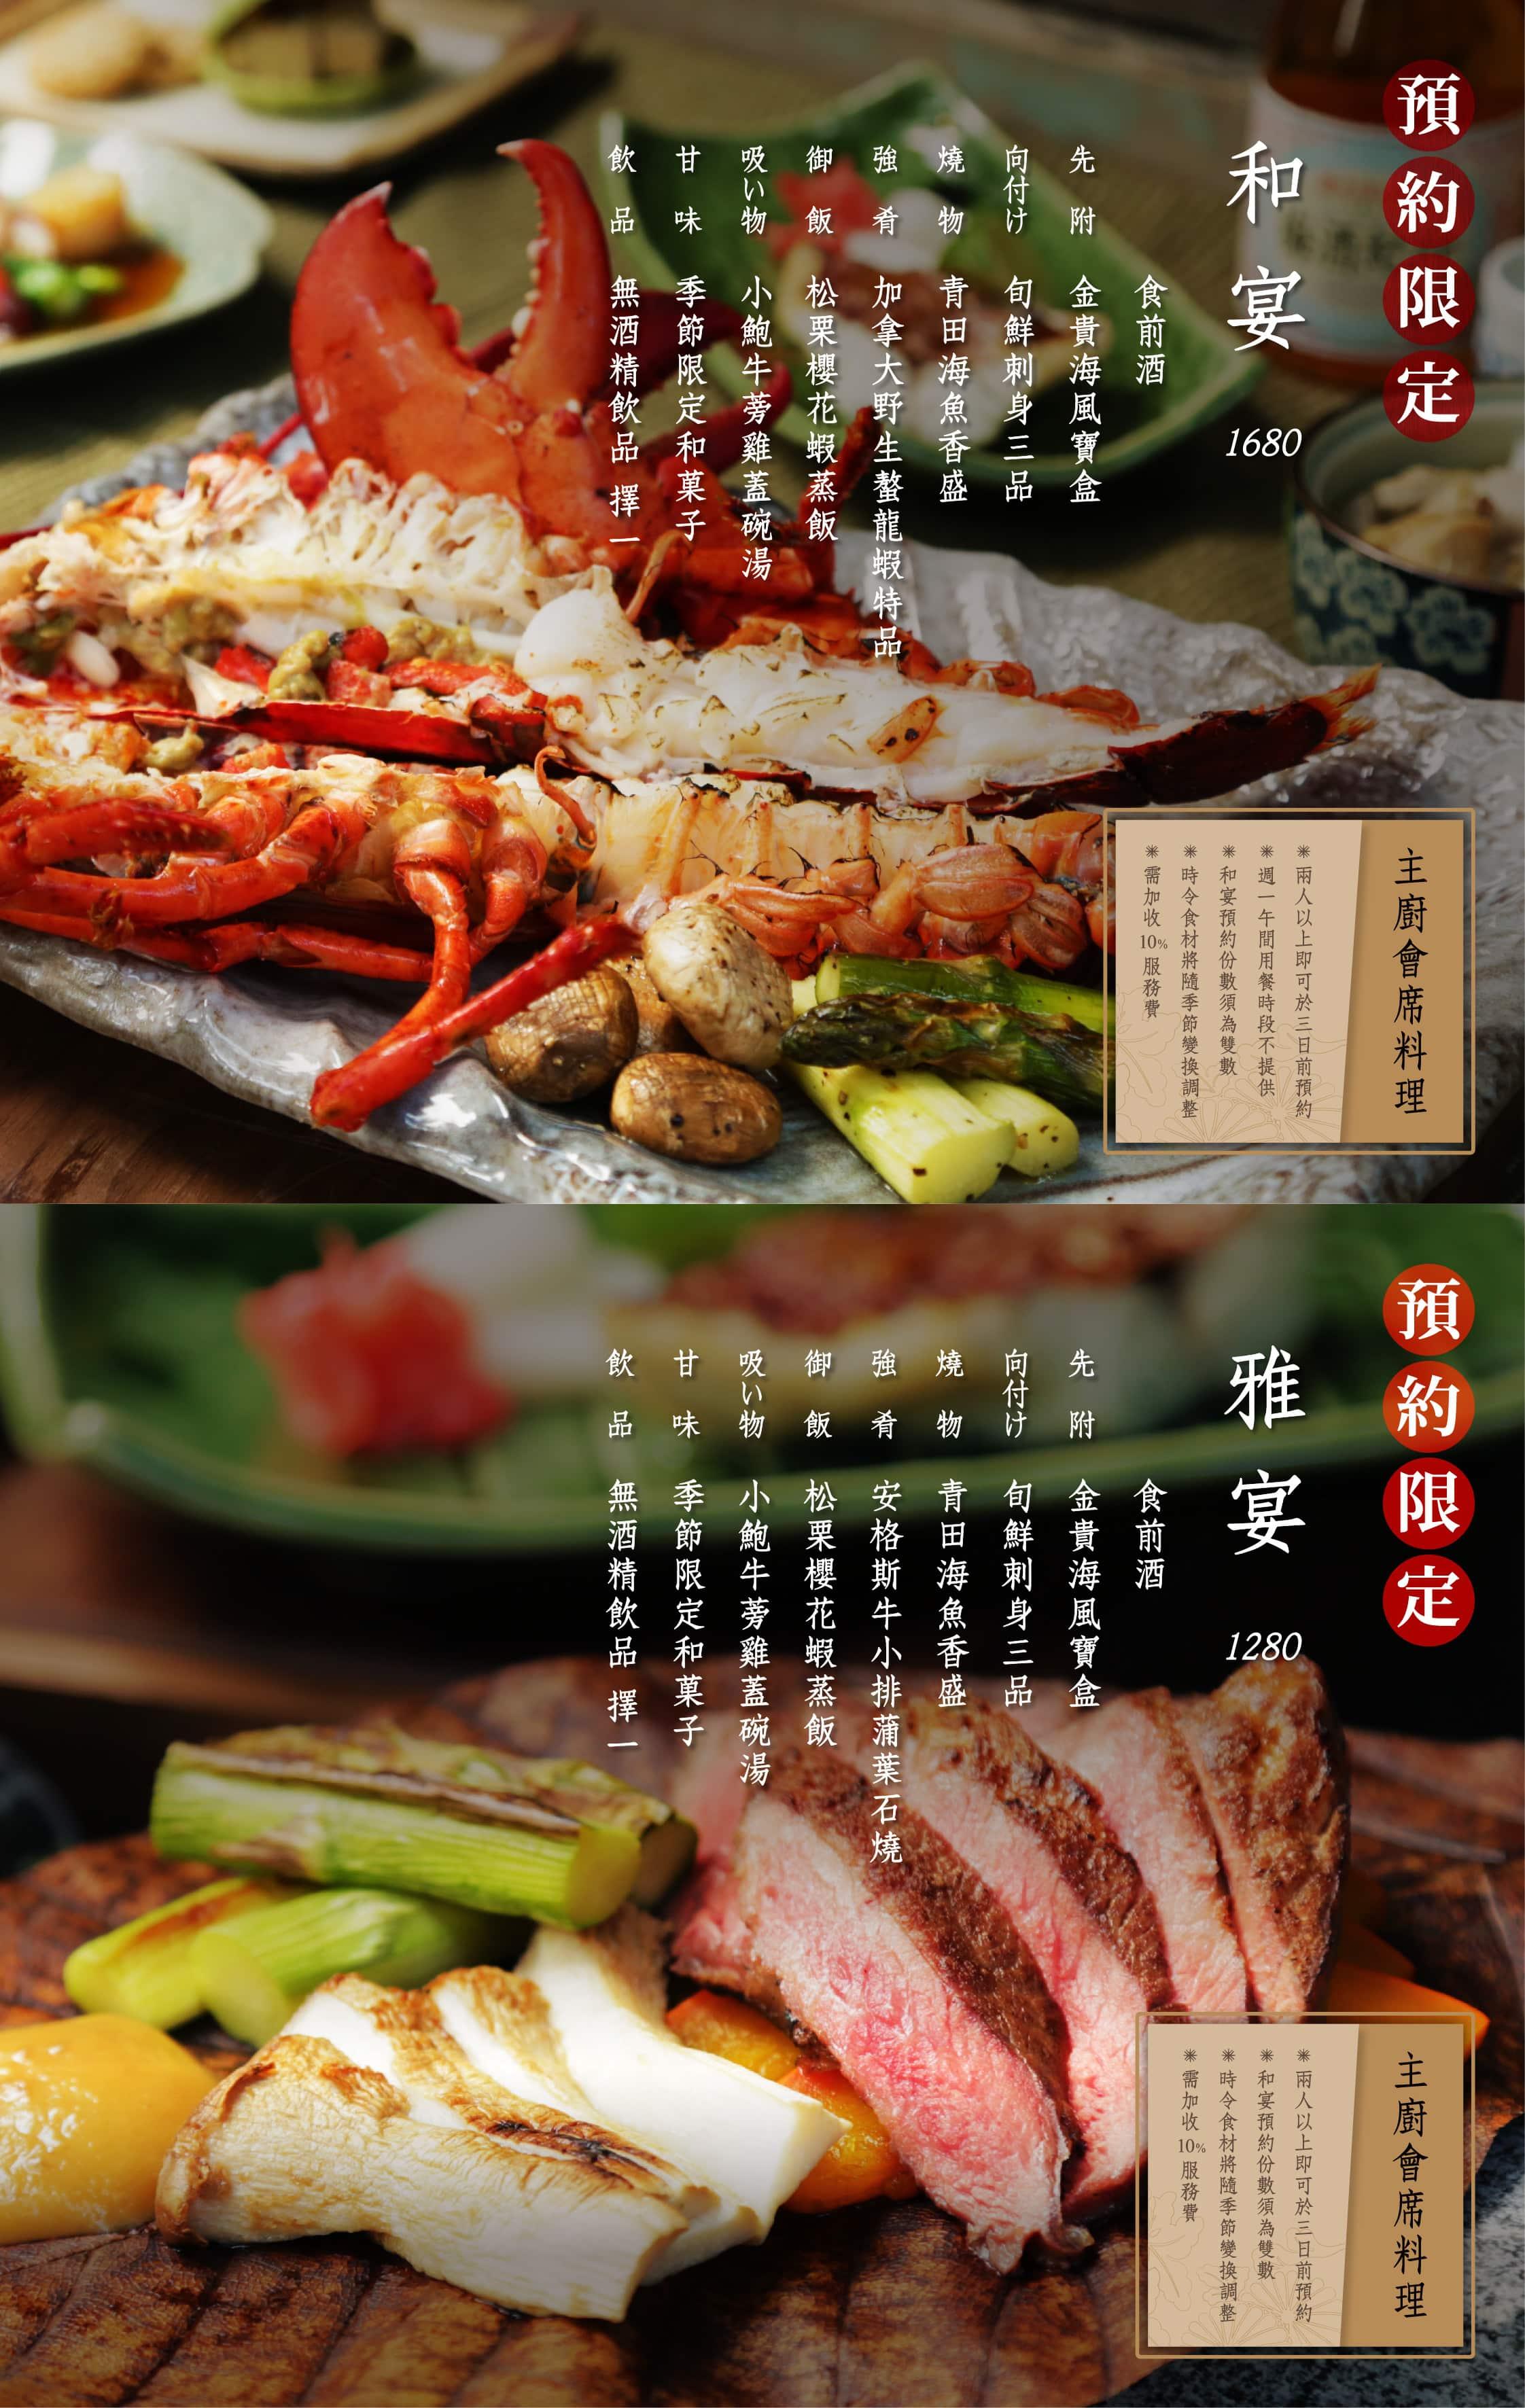 青田七六-菜單-預約會席料理-2012004(字放大)